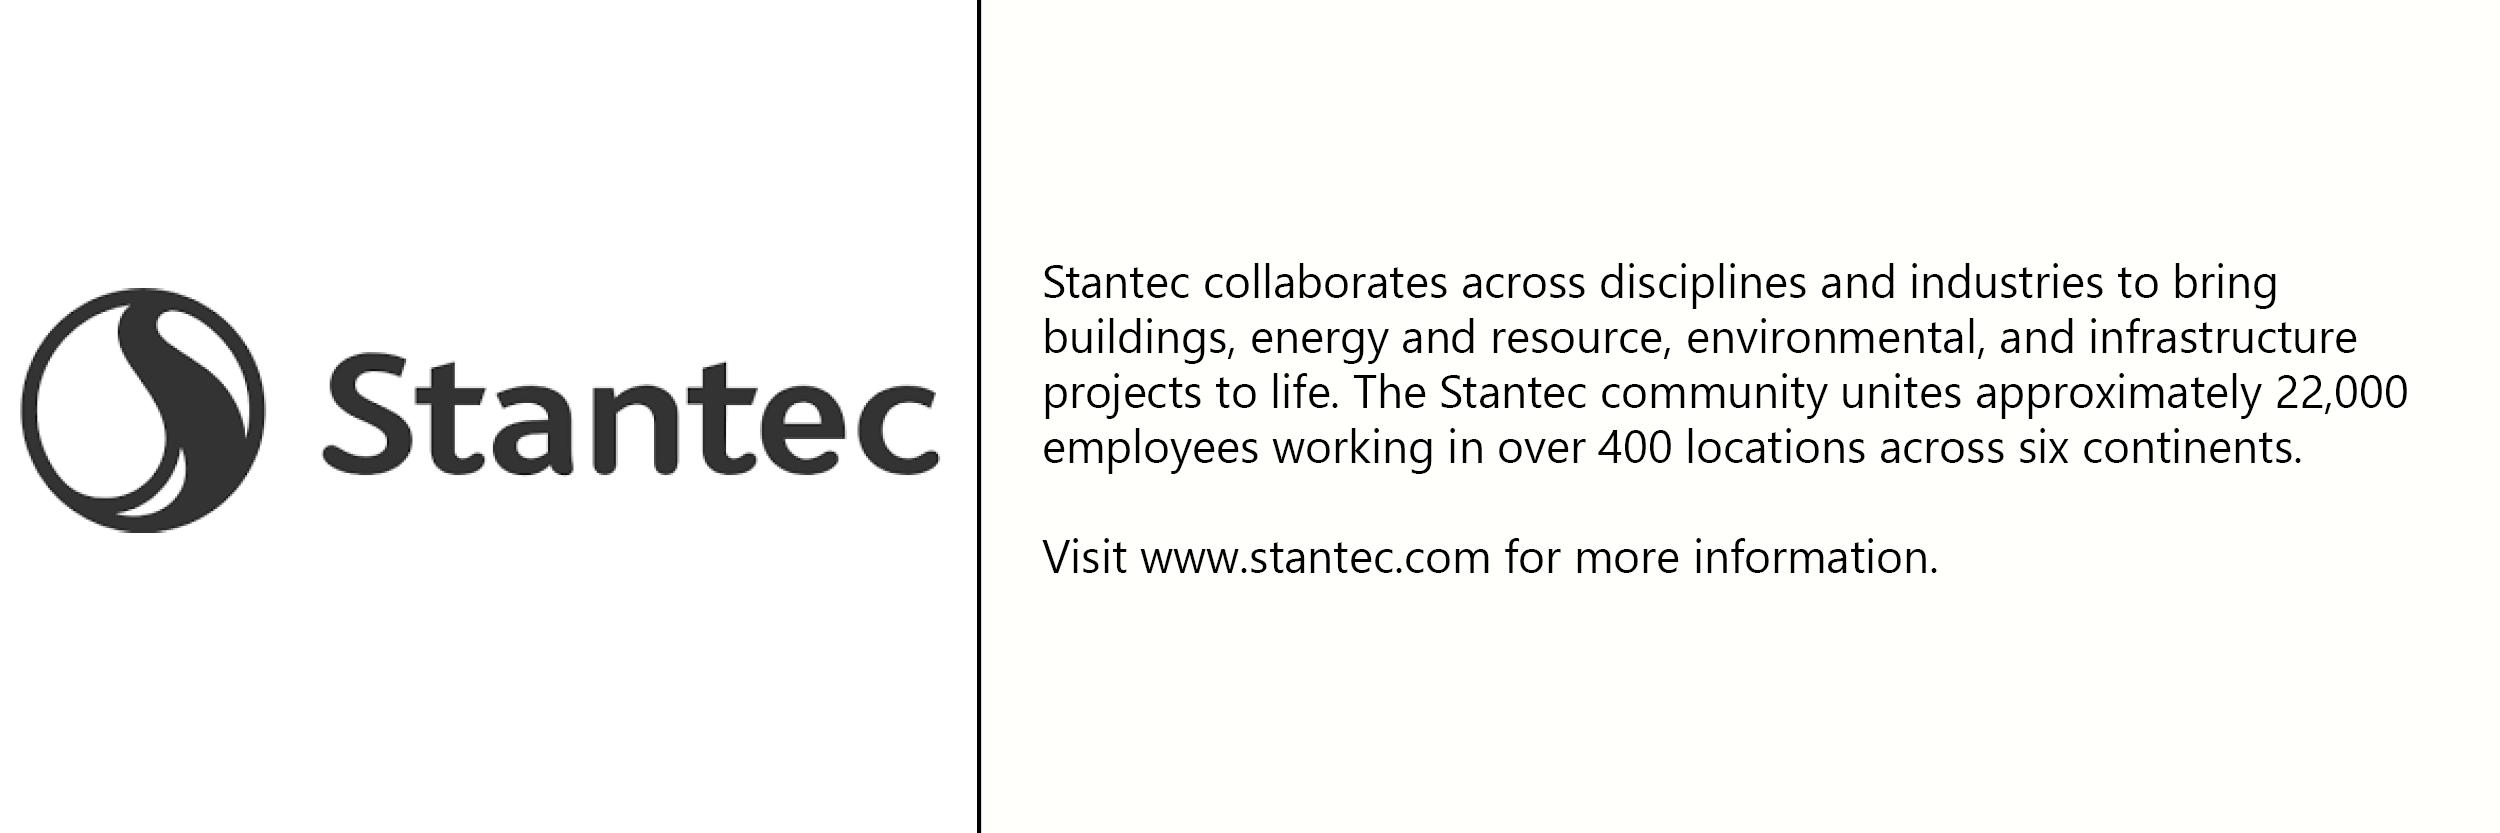 Stantec  logo with description of company